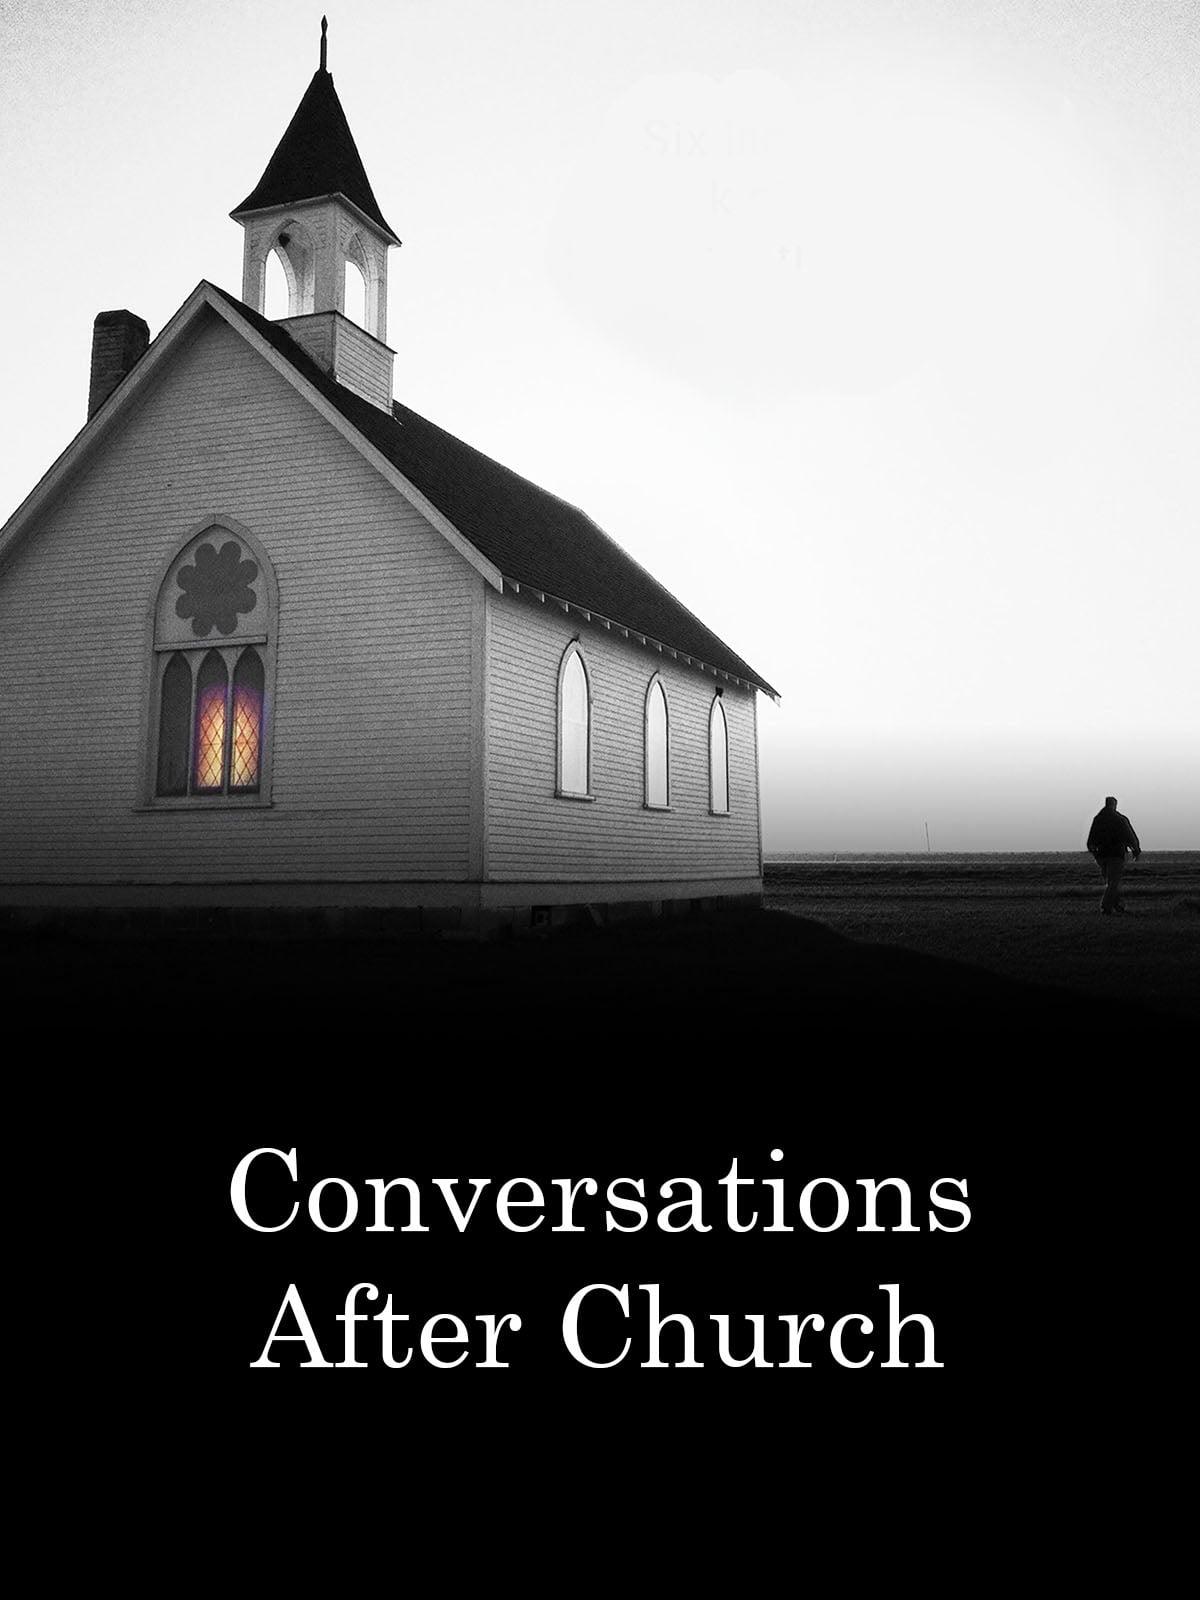 Conversations after Church